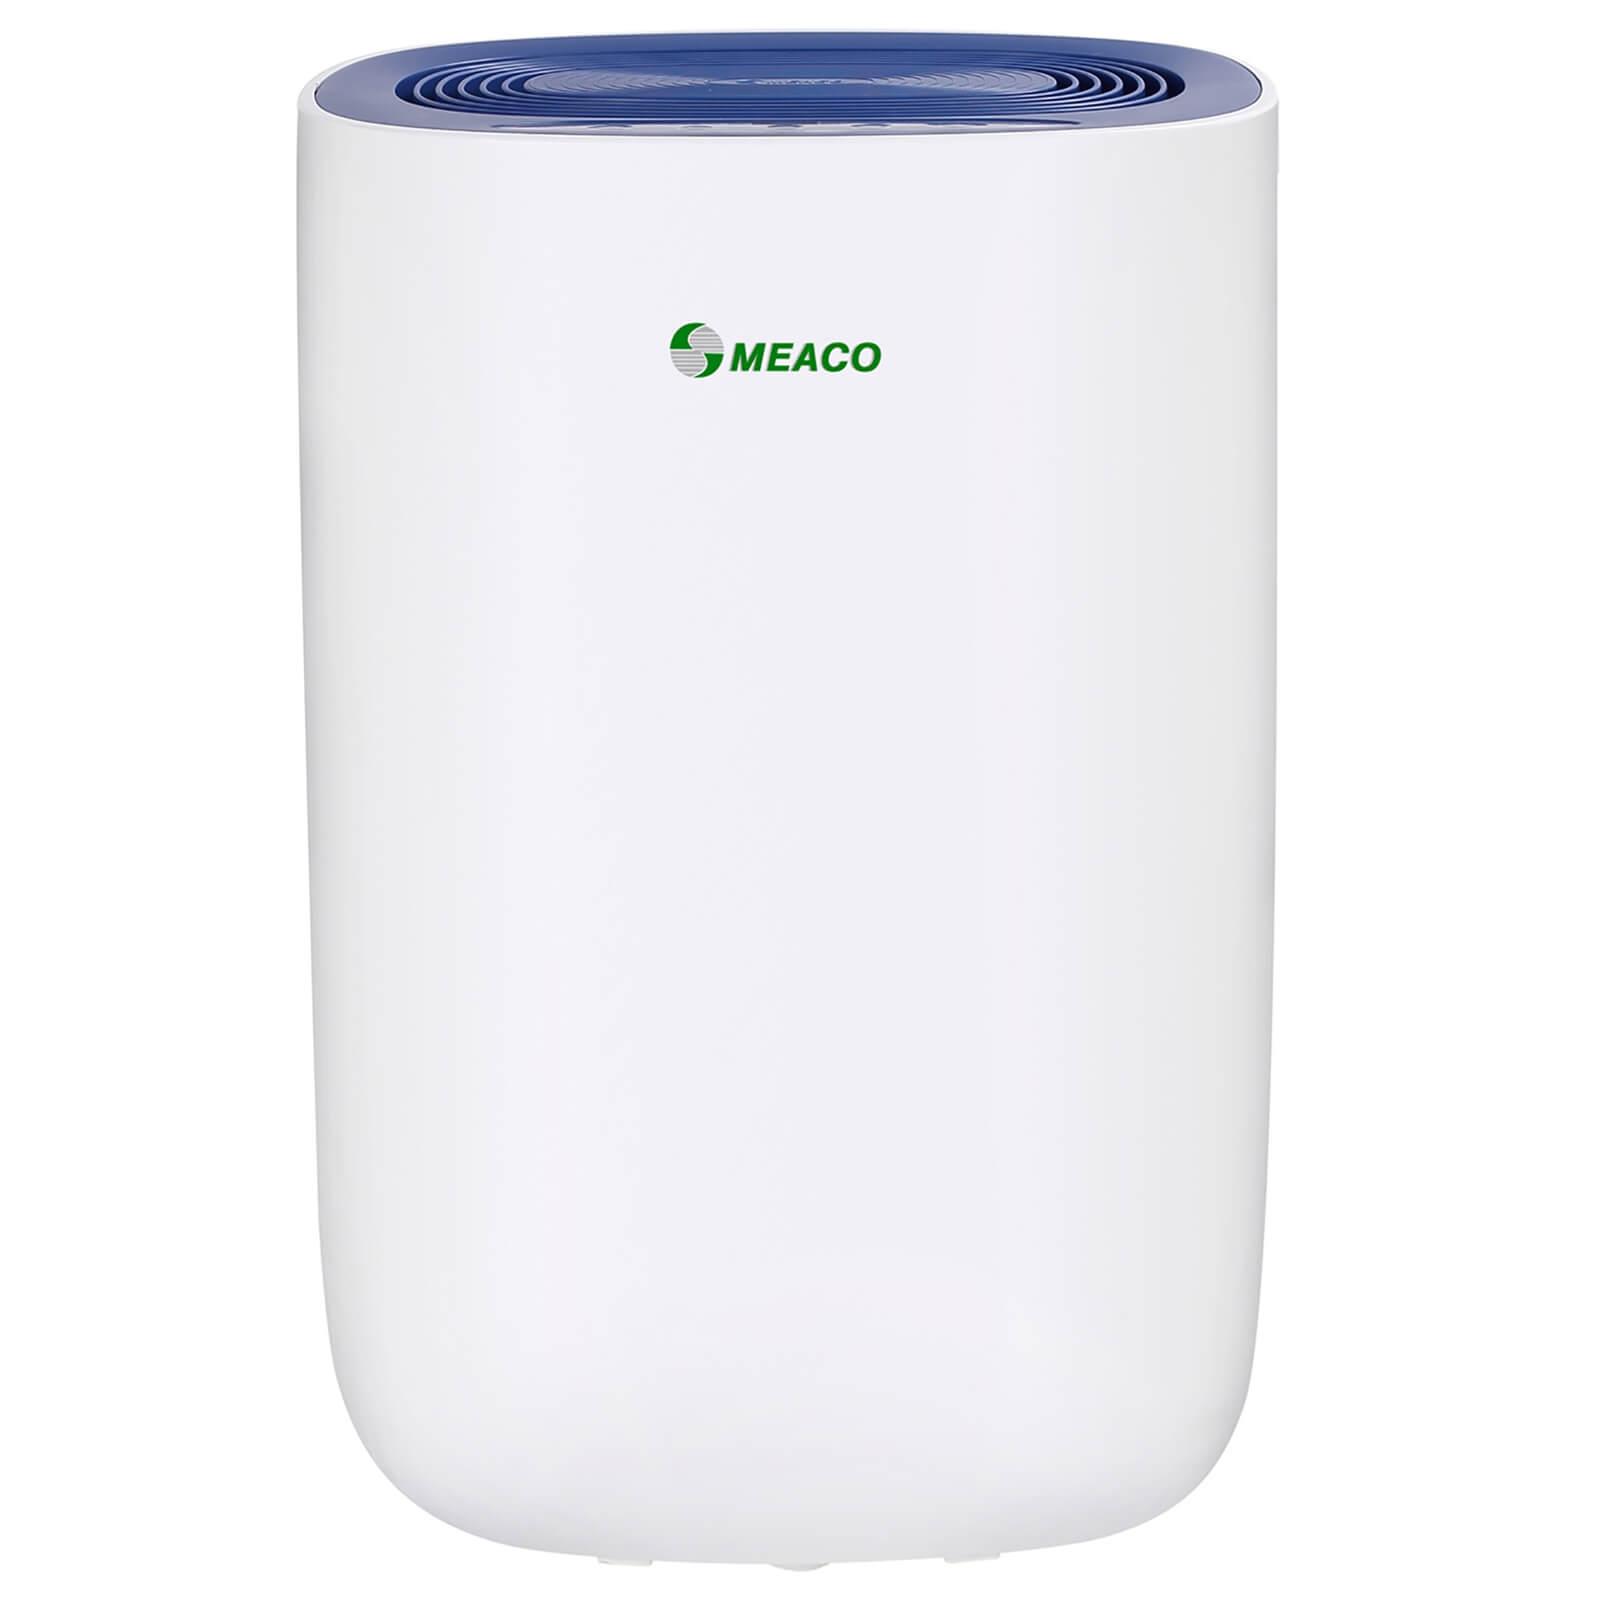 Meaco Dry ABC 12L Dehumidifier - Navy Blue